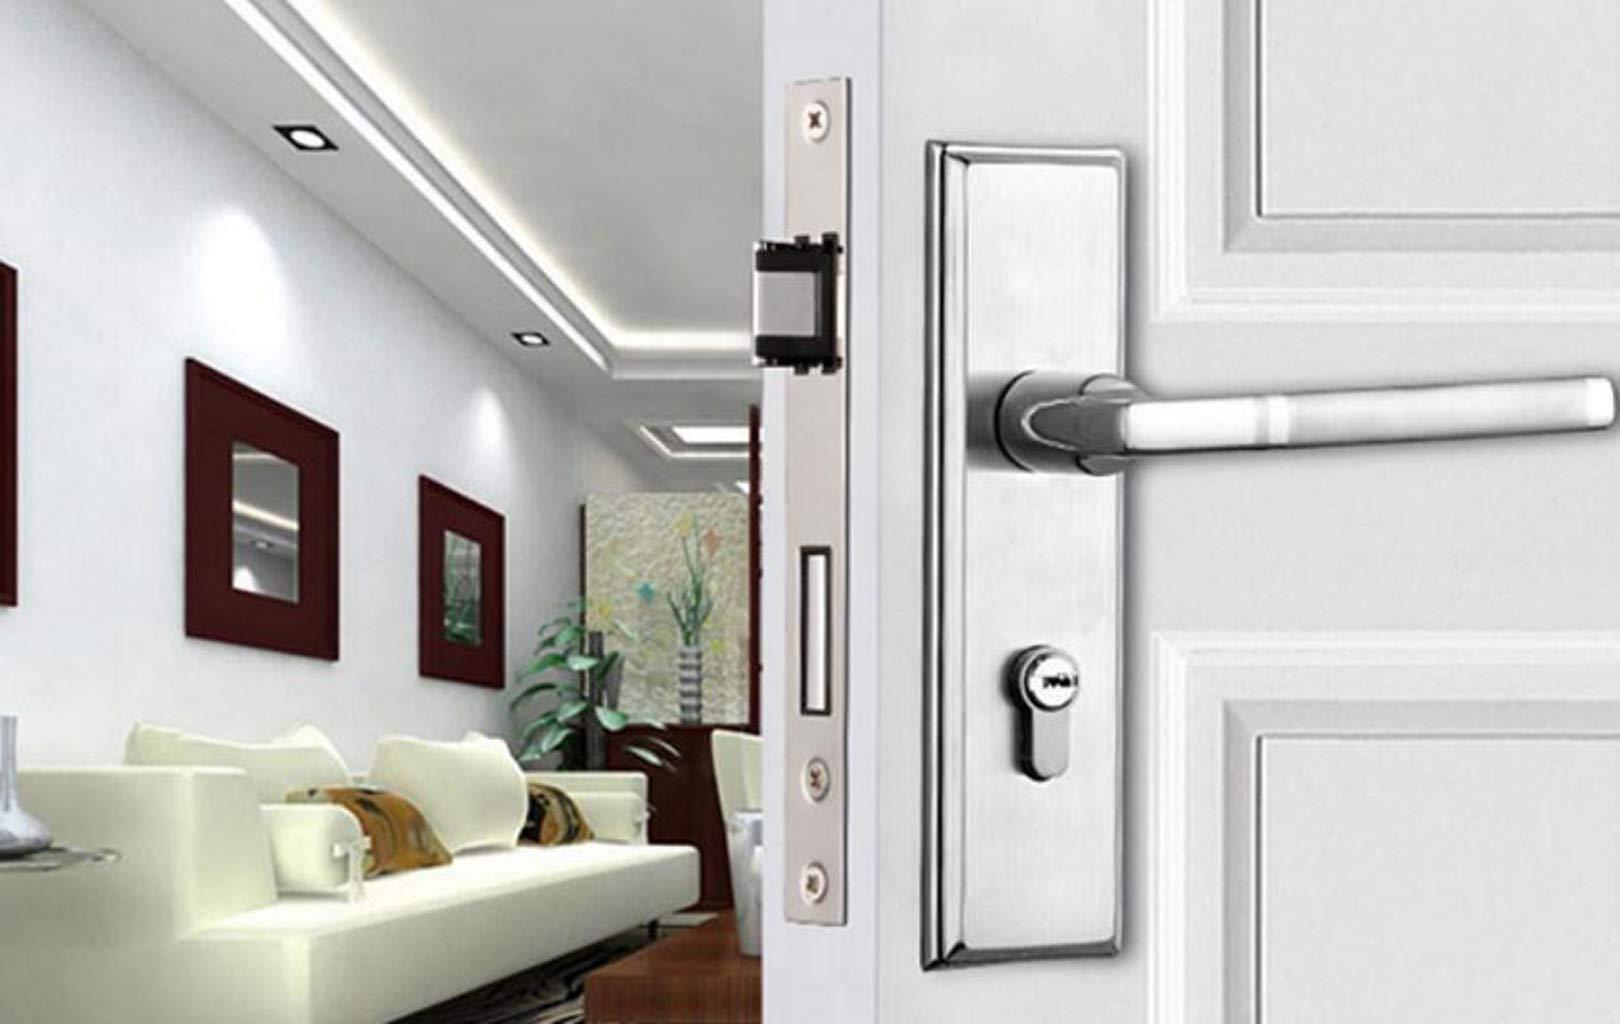 JBHURF Cerradura de Puerta de Dormitorio de Acero Inoxidable Mute Home Manija de Puerta de Madera Maciza Izquierda y Derecha Dirección Bloqueo Universal (Color : La Plata): Amazon.es: Hogar